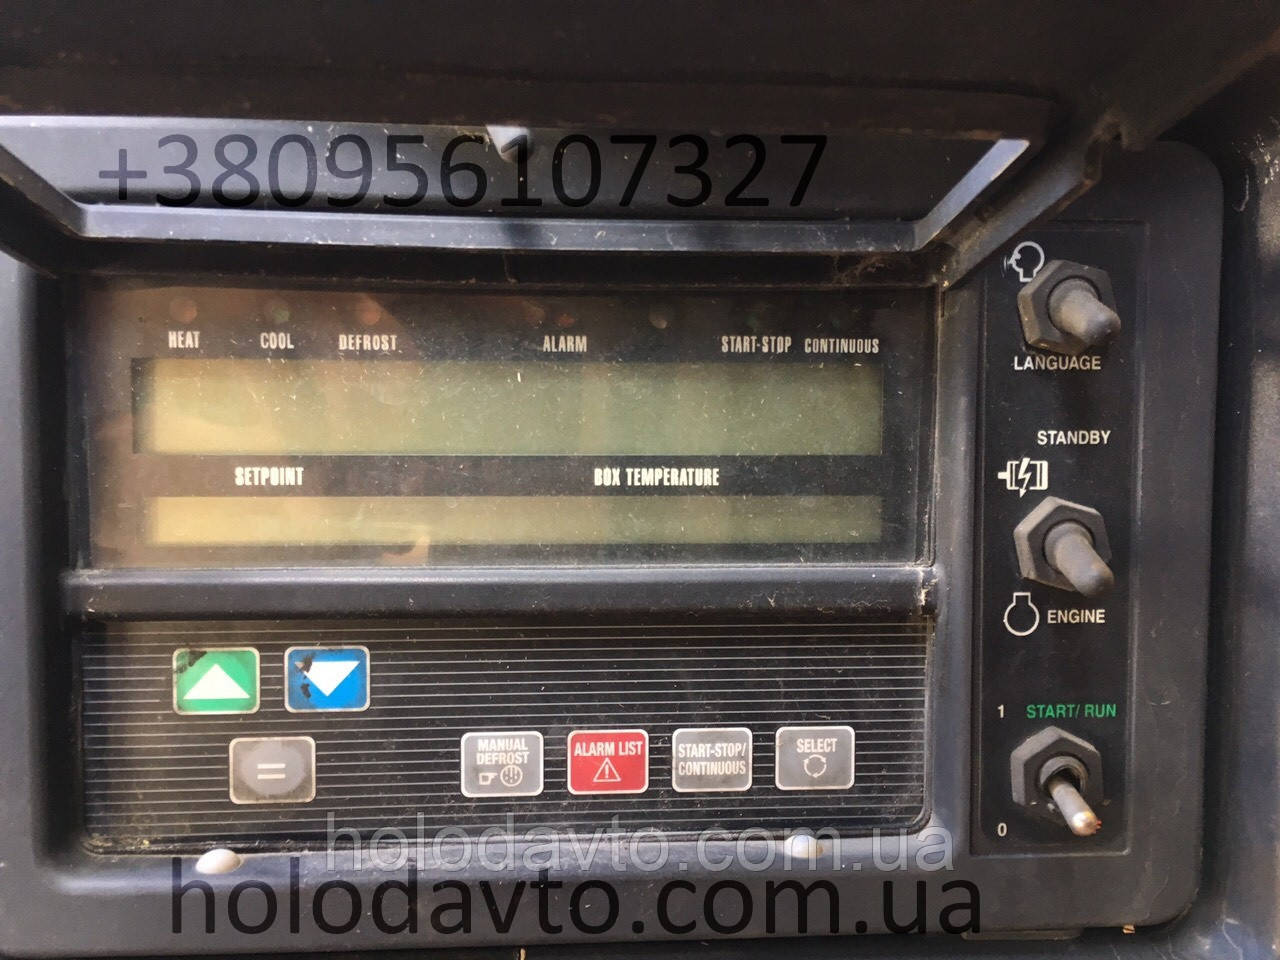 Пульт управления Carrier Vector 1800 / 91-00313-01